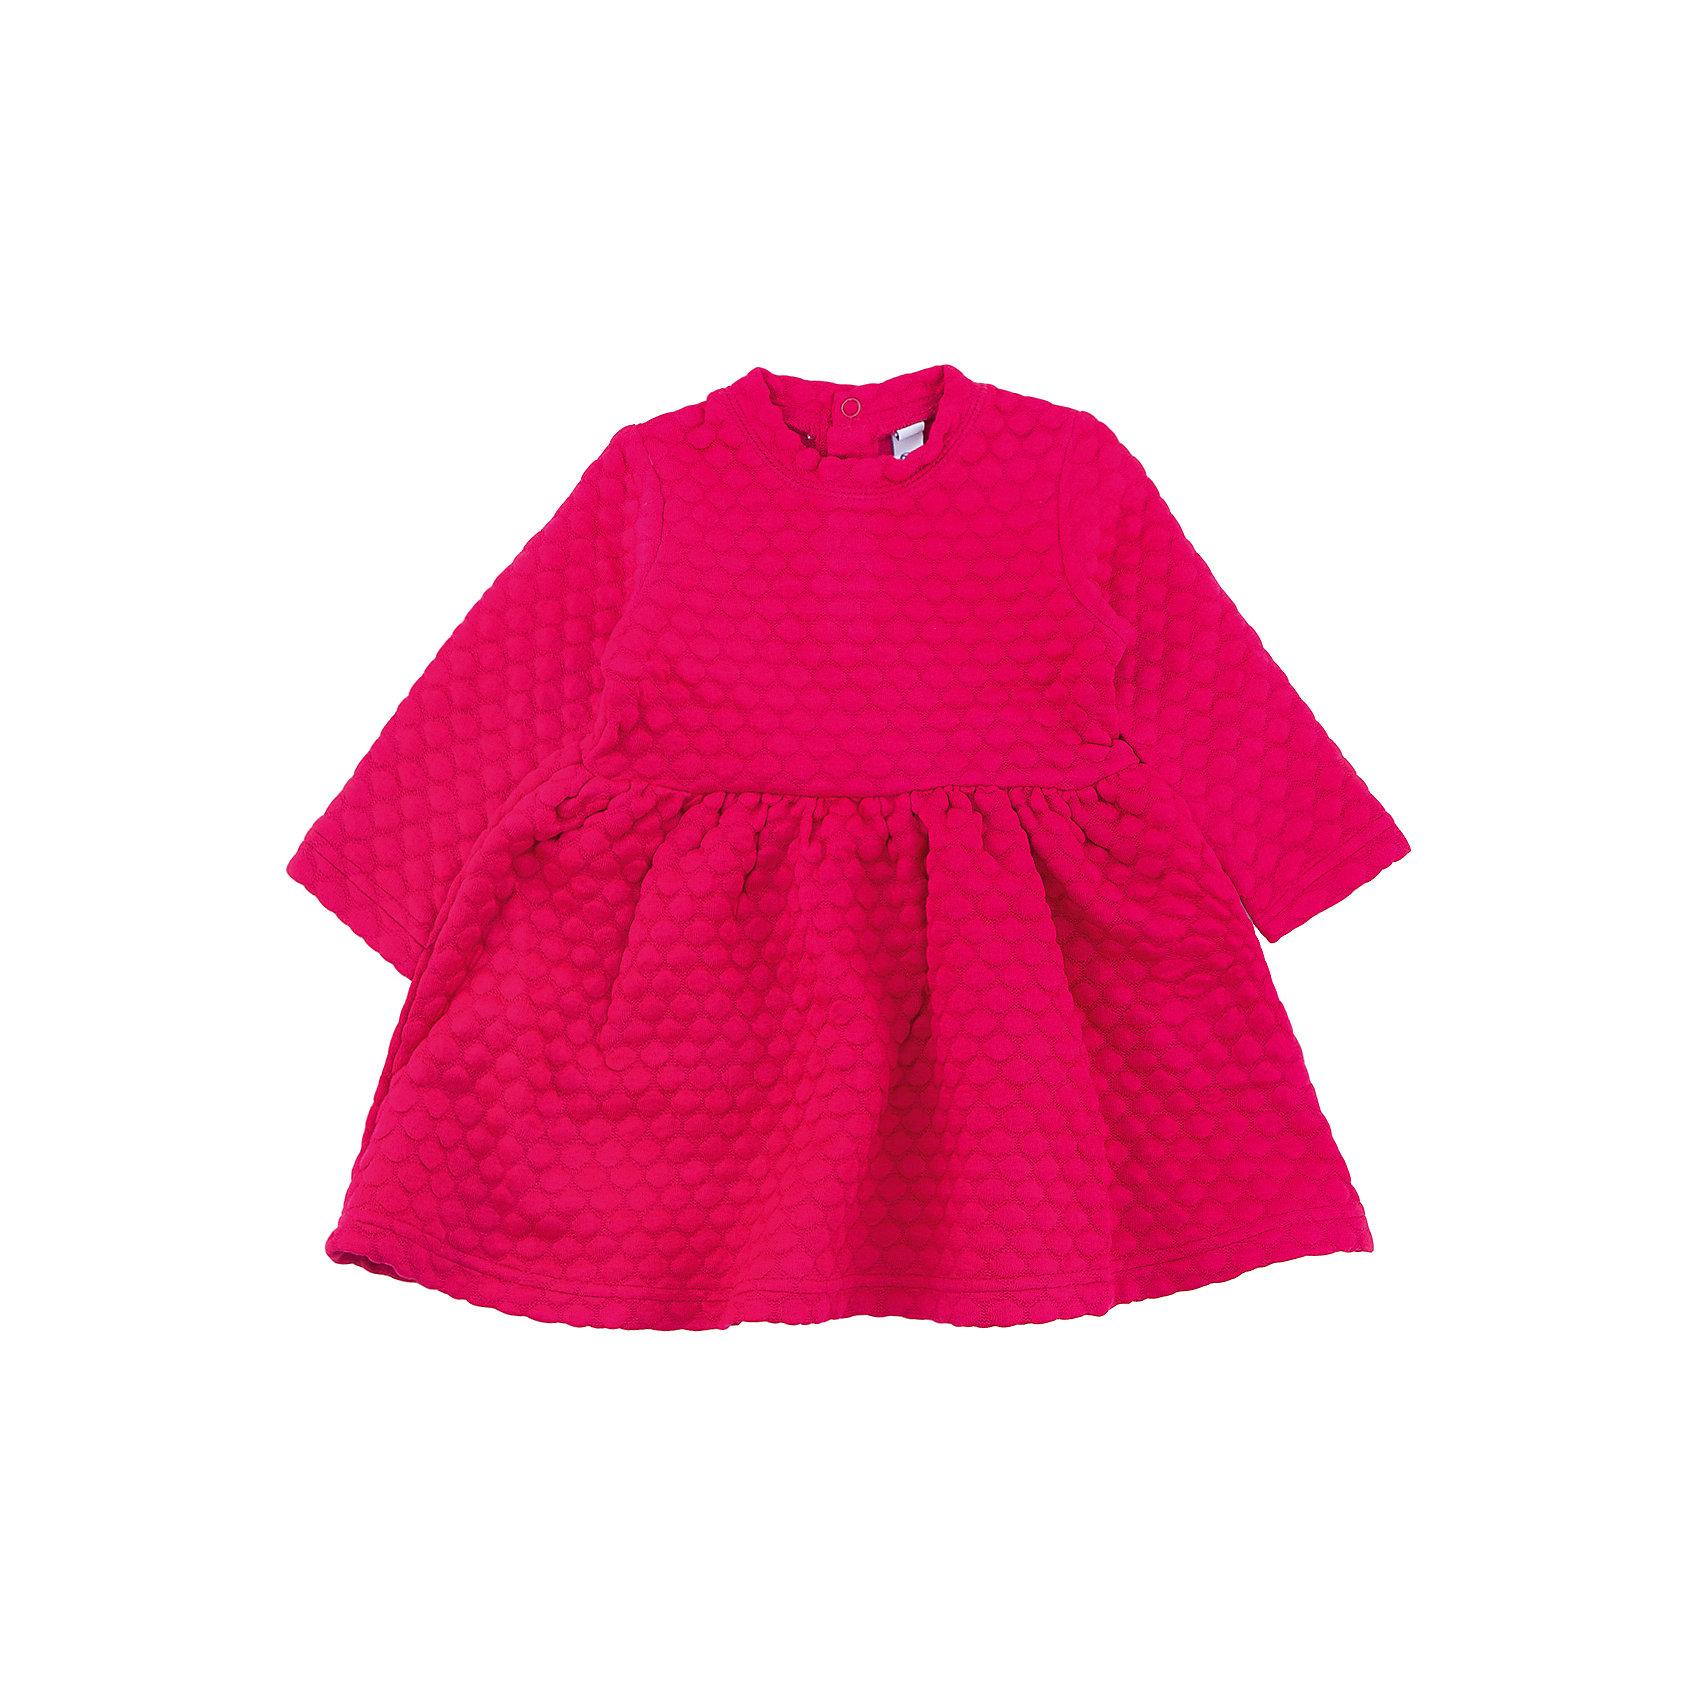 Платье PlayToday для девочкиПлатья<br>Платье PlayToday для девочки<br>Яркое платье отрезное по талии из рельефного трикотажа с округлым воротником разнообразит повседневный гардероб ребенка. На спинке расположены удобные застежки - кнопки. Свободный крой не сковывает движений. Приятная на ощупь ткань не вызывает раздражений.<br>Состав:<br>63% полиэстер, 35% вискоза, 2% эластан<br><br>Ширина мм: 236<br>Глубина мм: 16<br>Высота мм: 184<br>Вес г: 177<br>Цвет: розовый<br>Возраст от месяцев: 18<br>Возраст до месяцев: 24<br>Пол: Женский<br>Возраст: Детский<br>Размер: 86,92,74,80<br>SKU: 7110161